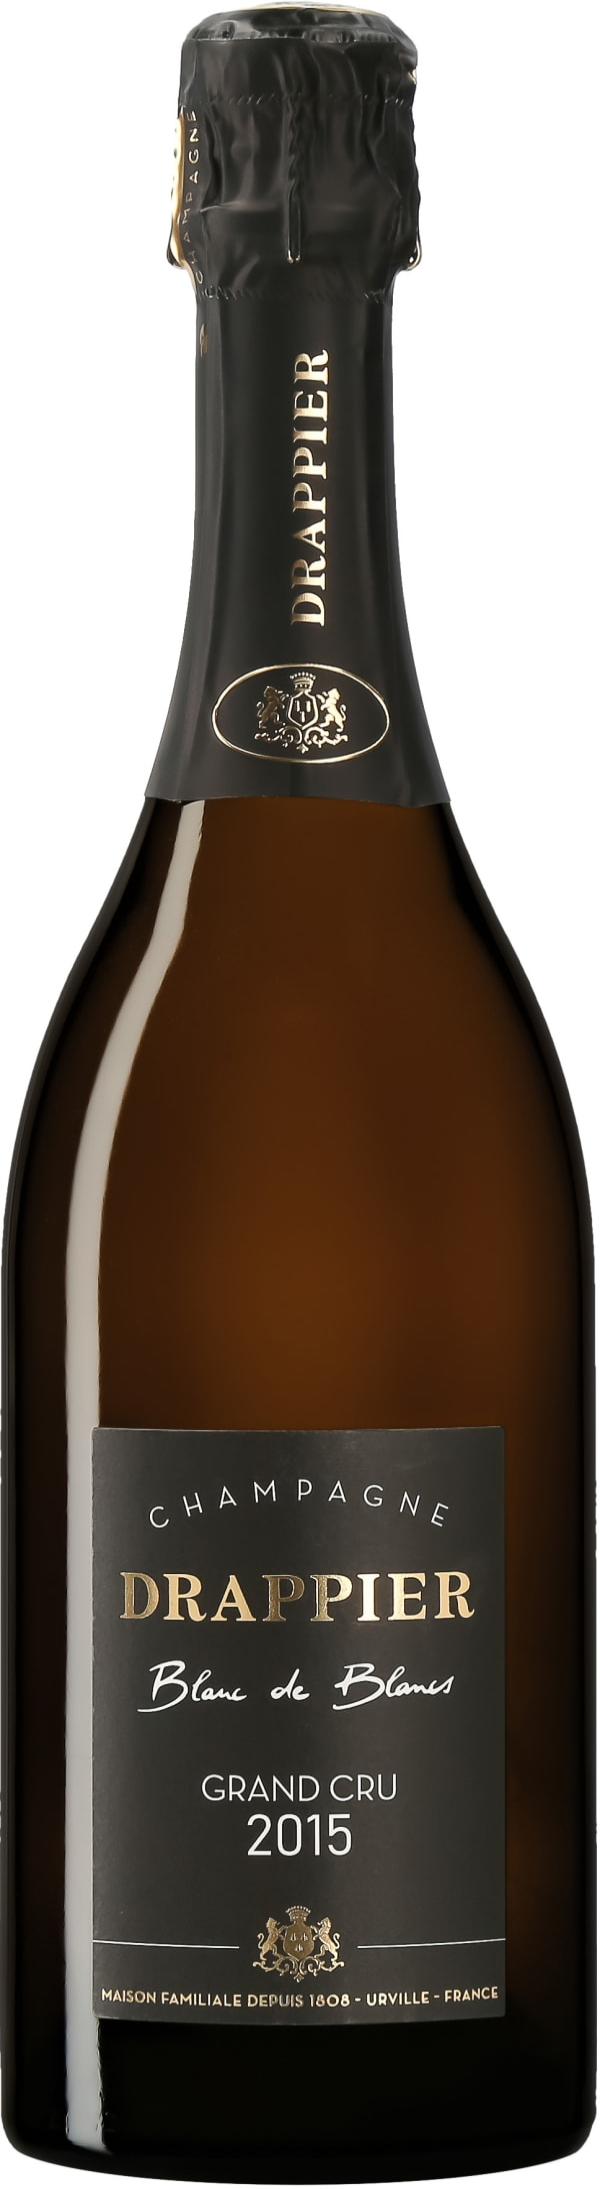 Drappier Blanc de Blancs Grand Cru Champagne Brut 2012